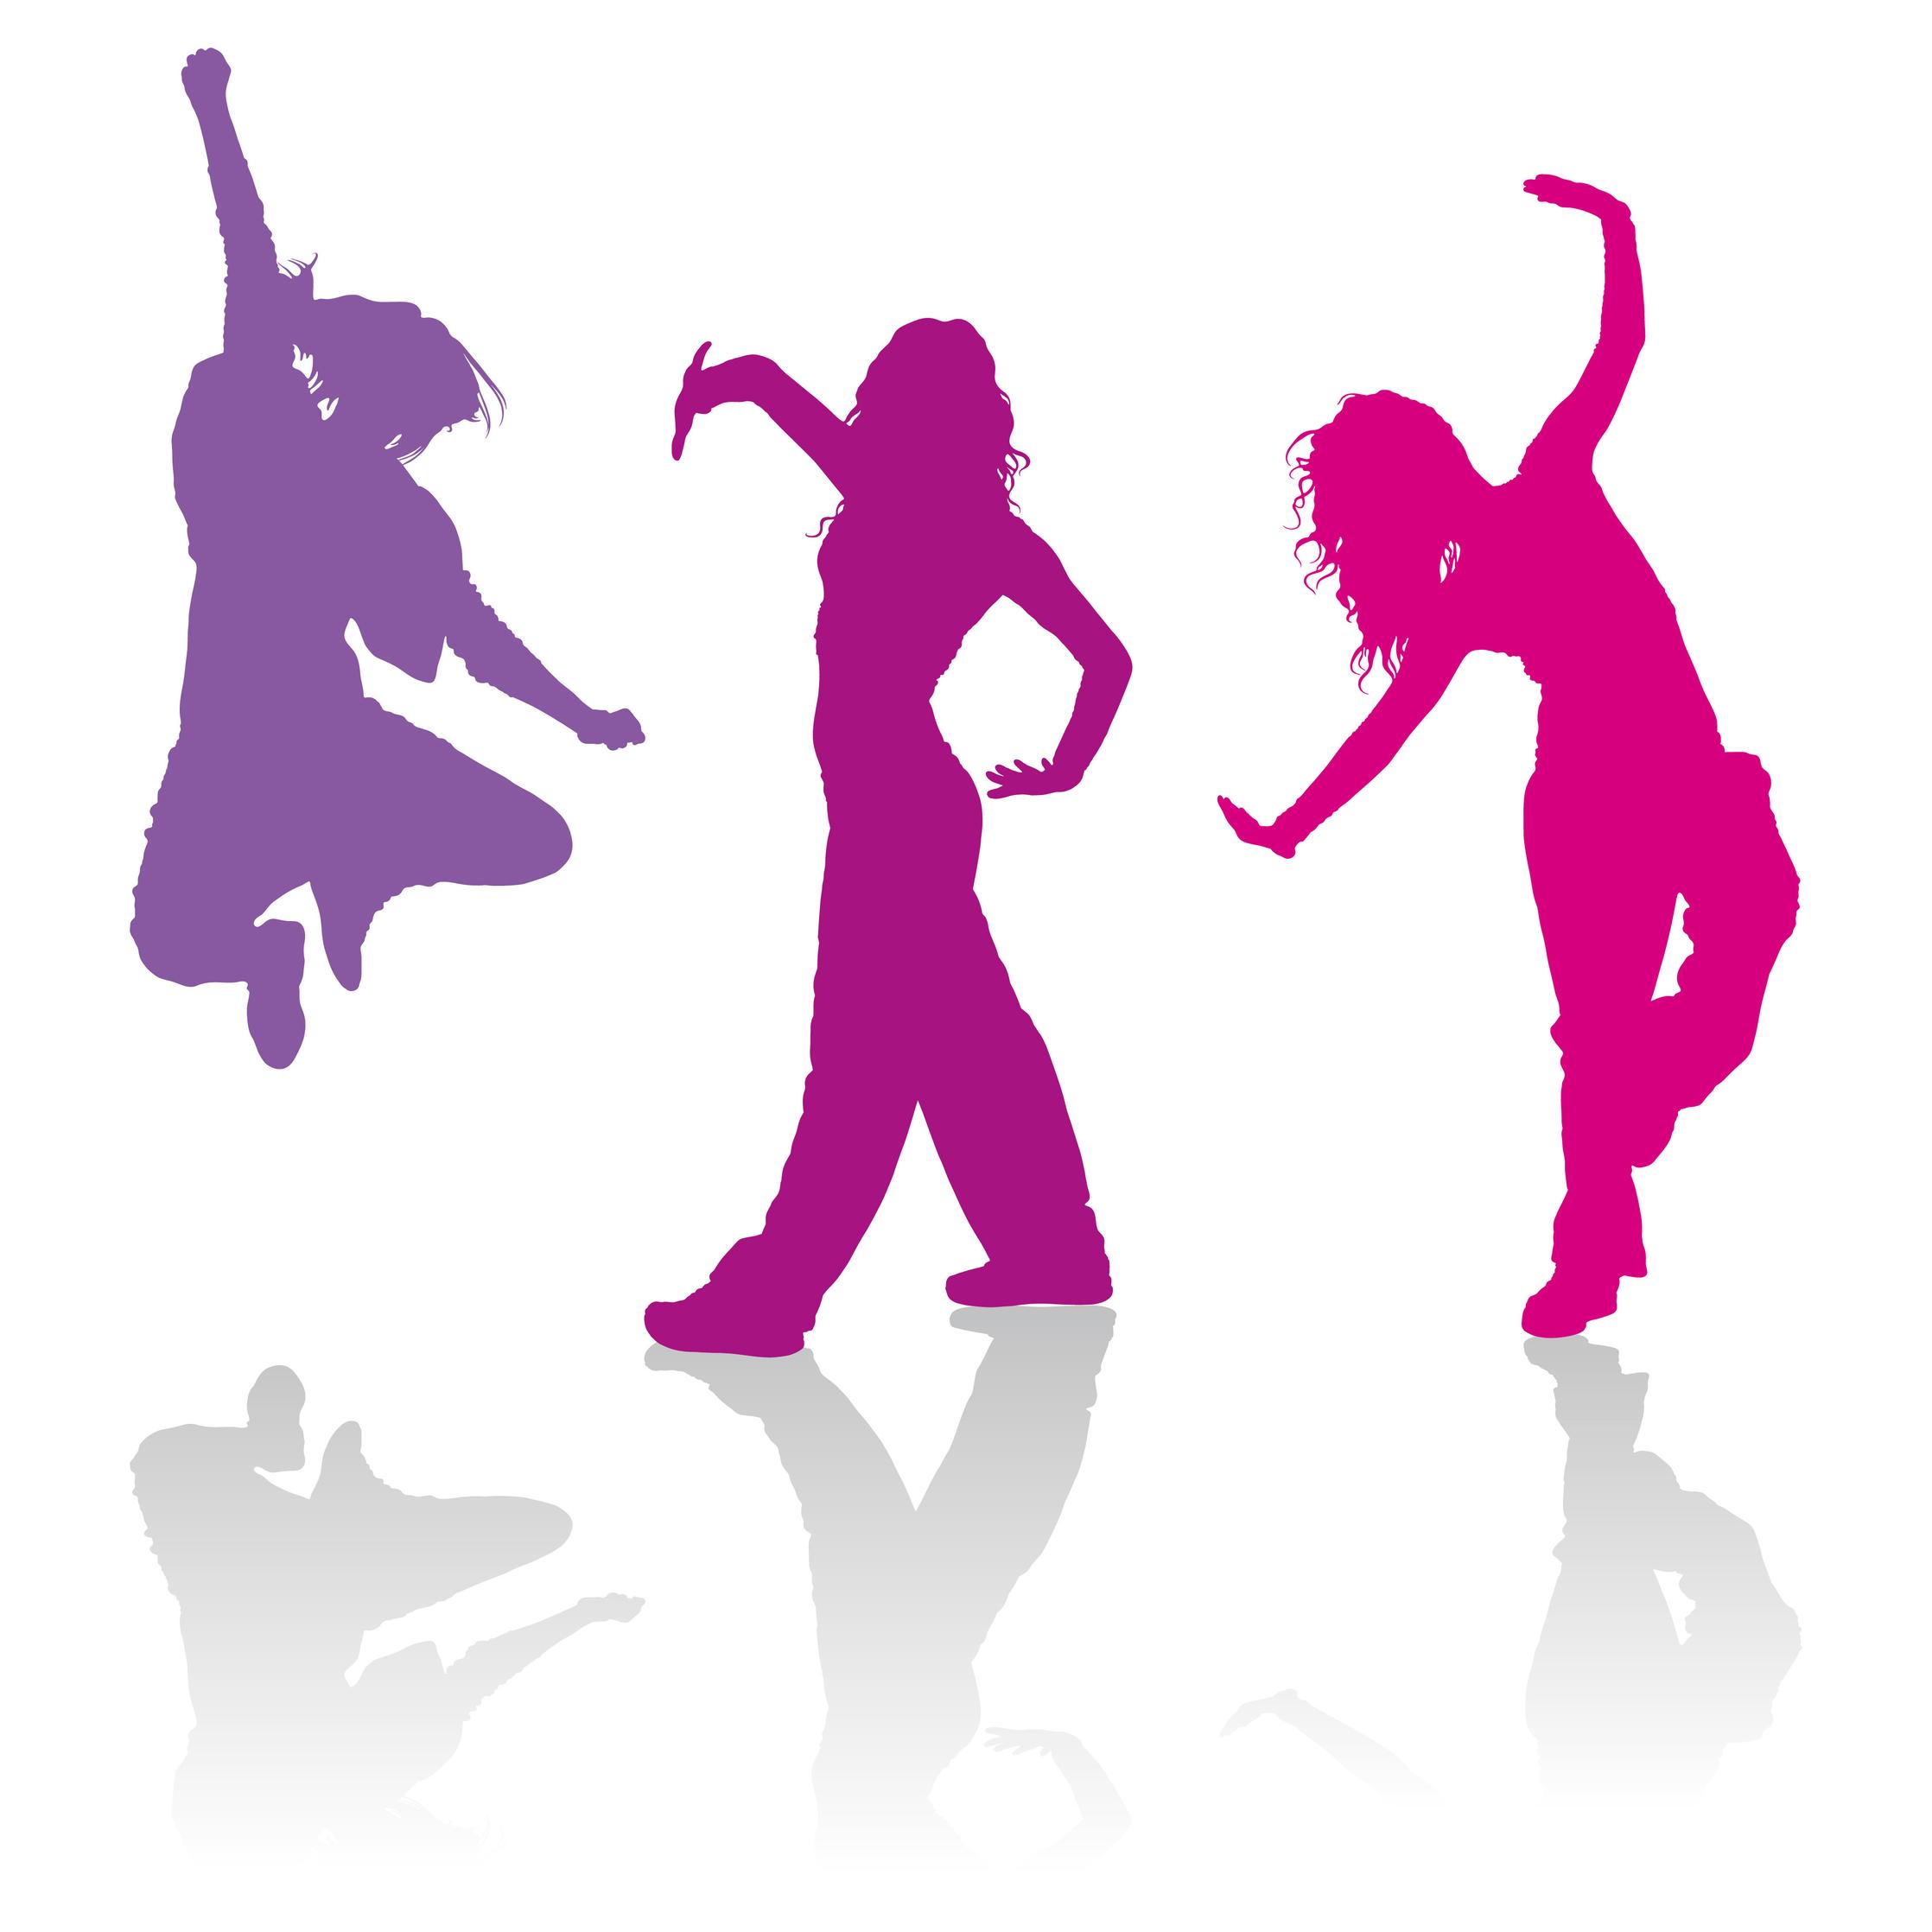 Bild 3 tanzende Figuren